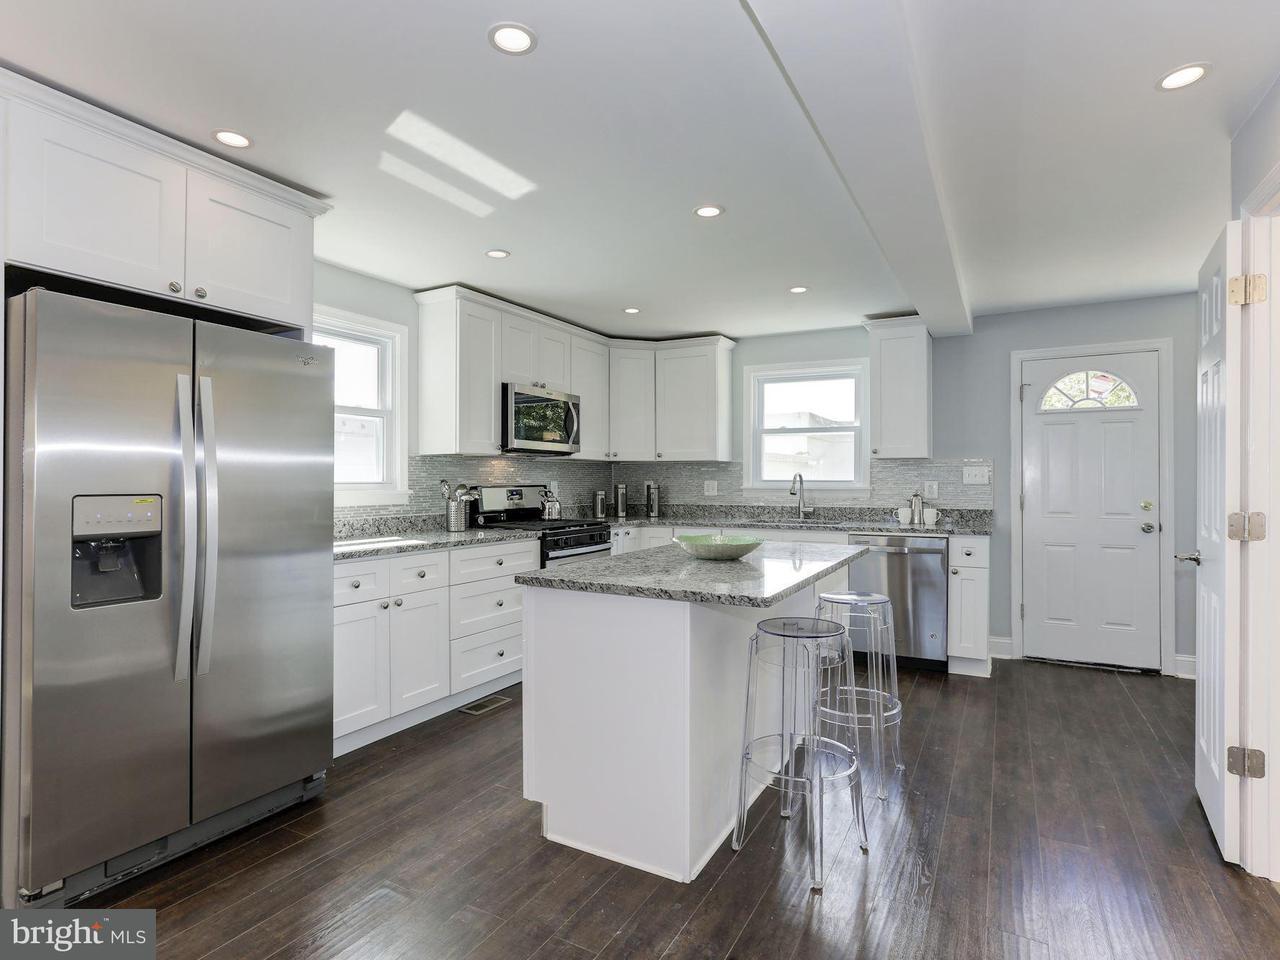 獨棟家庭住宅 為 出售 在 2600 30TH ST NE 2600 30TH ST NE Washington, 哥倫比亞特區 20018 美國